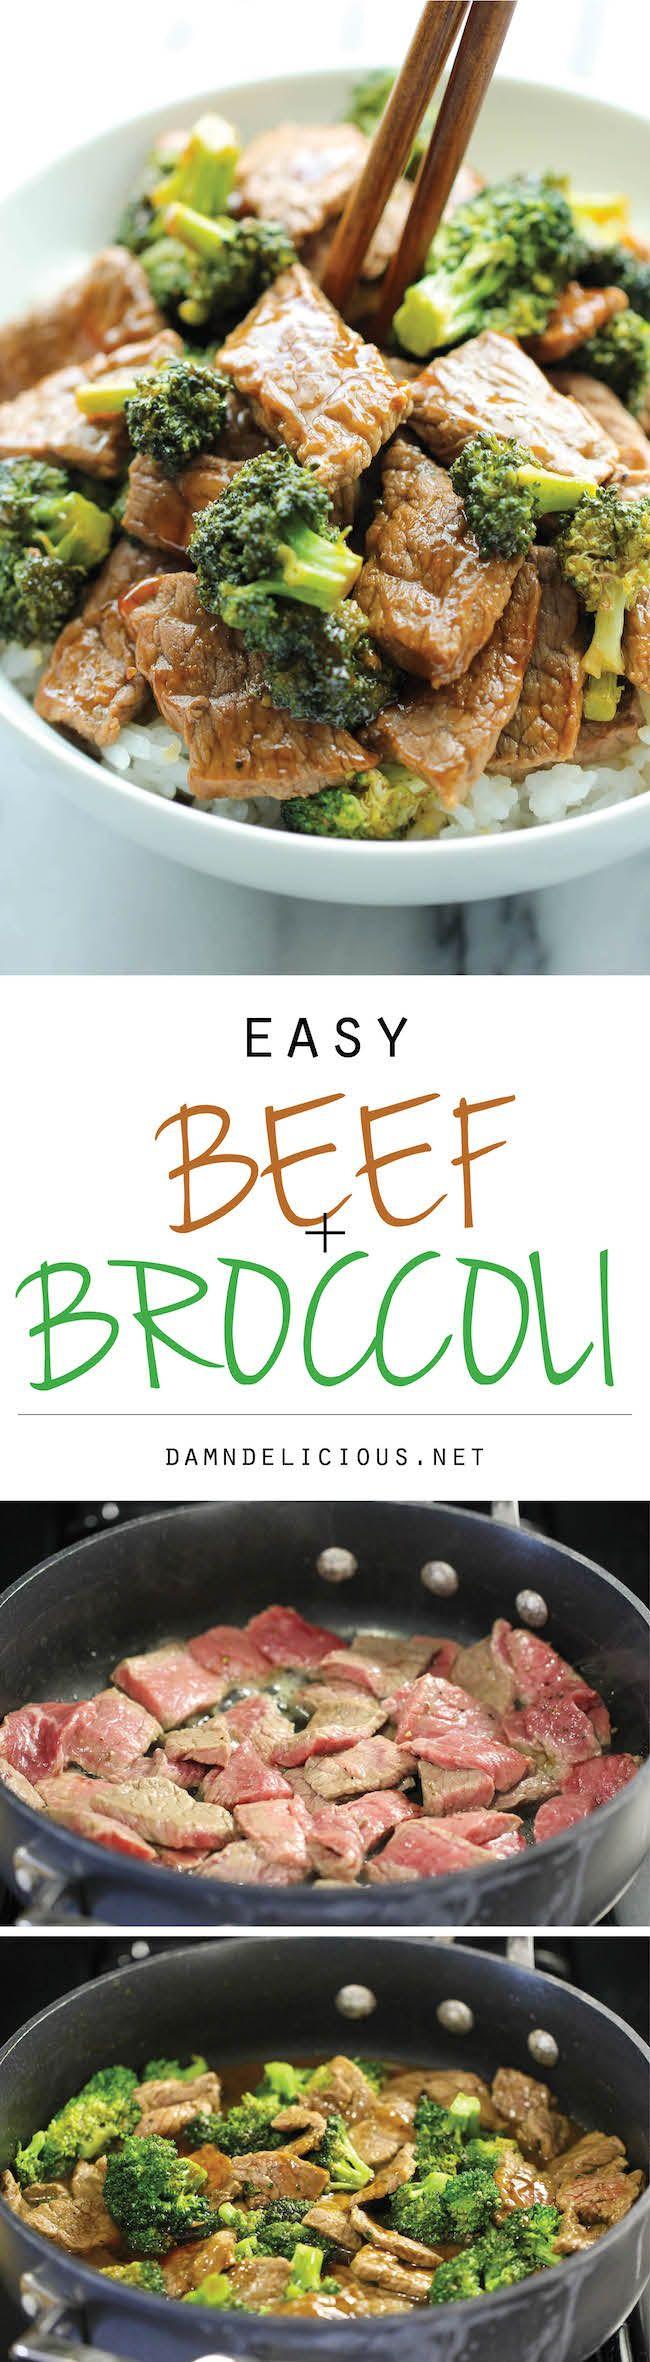 Easy Beef and Broccoli #beefandbroccoli